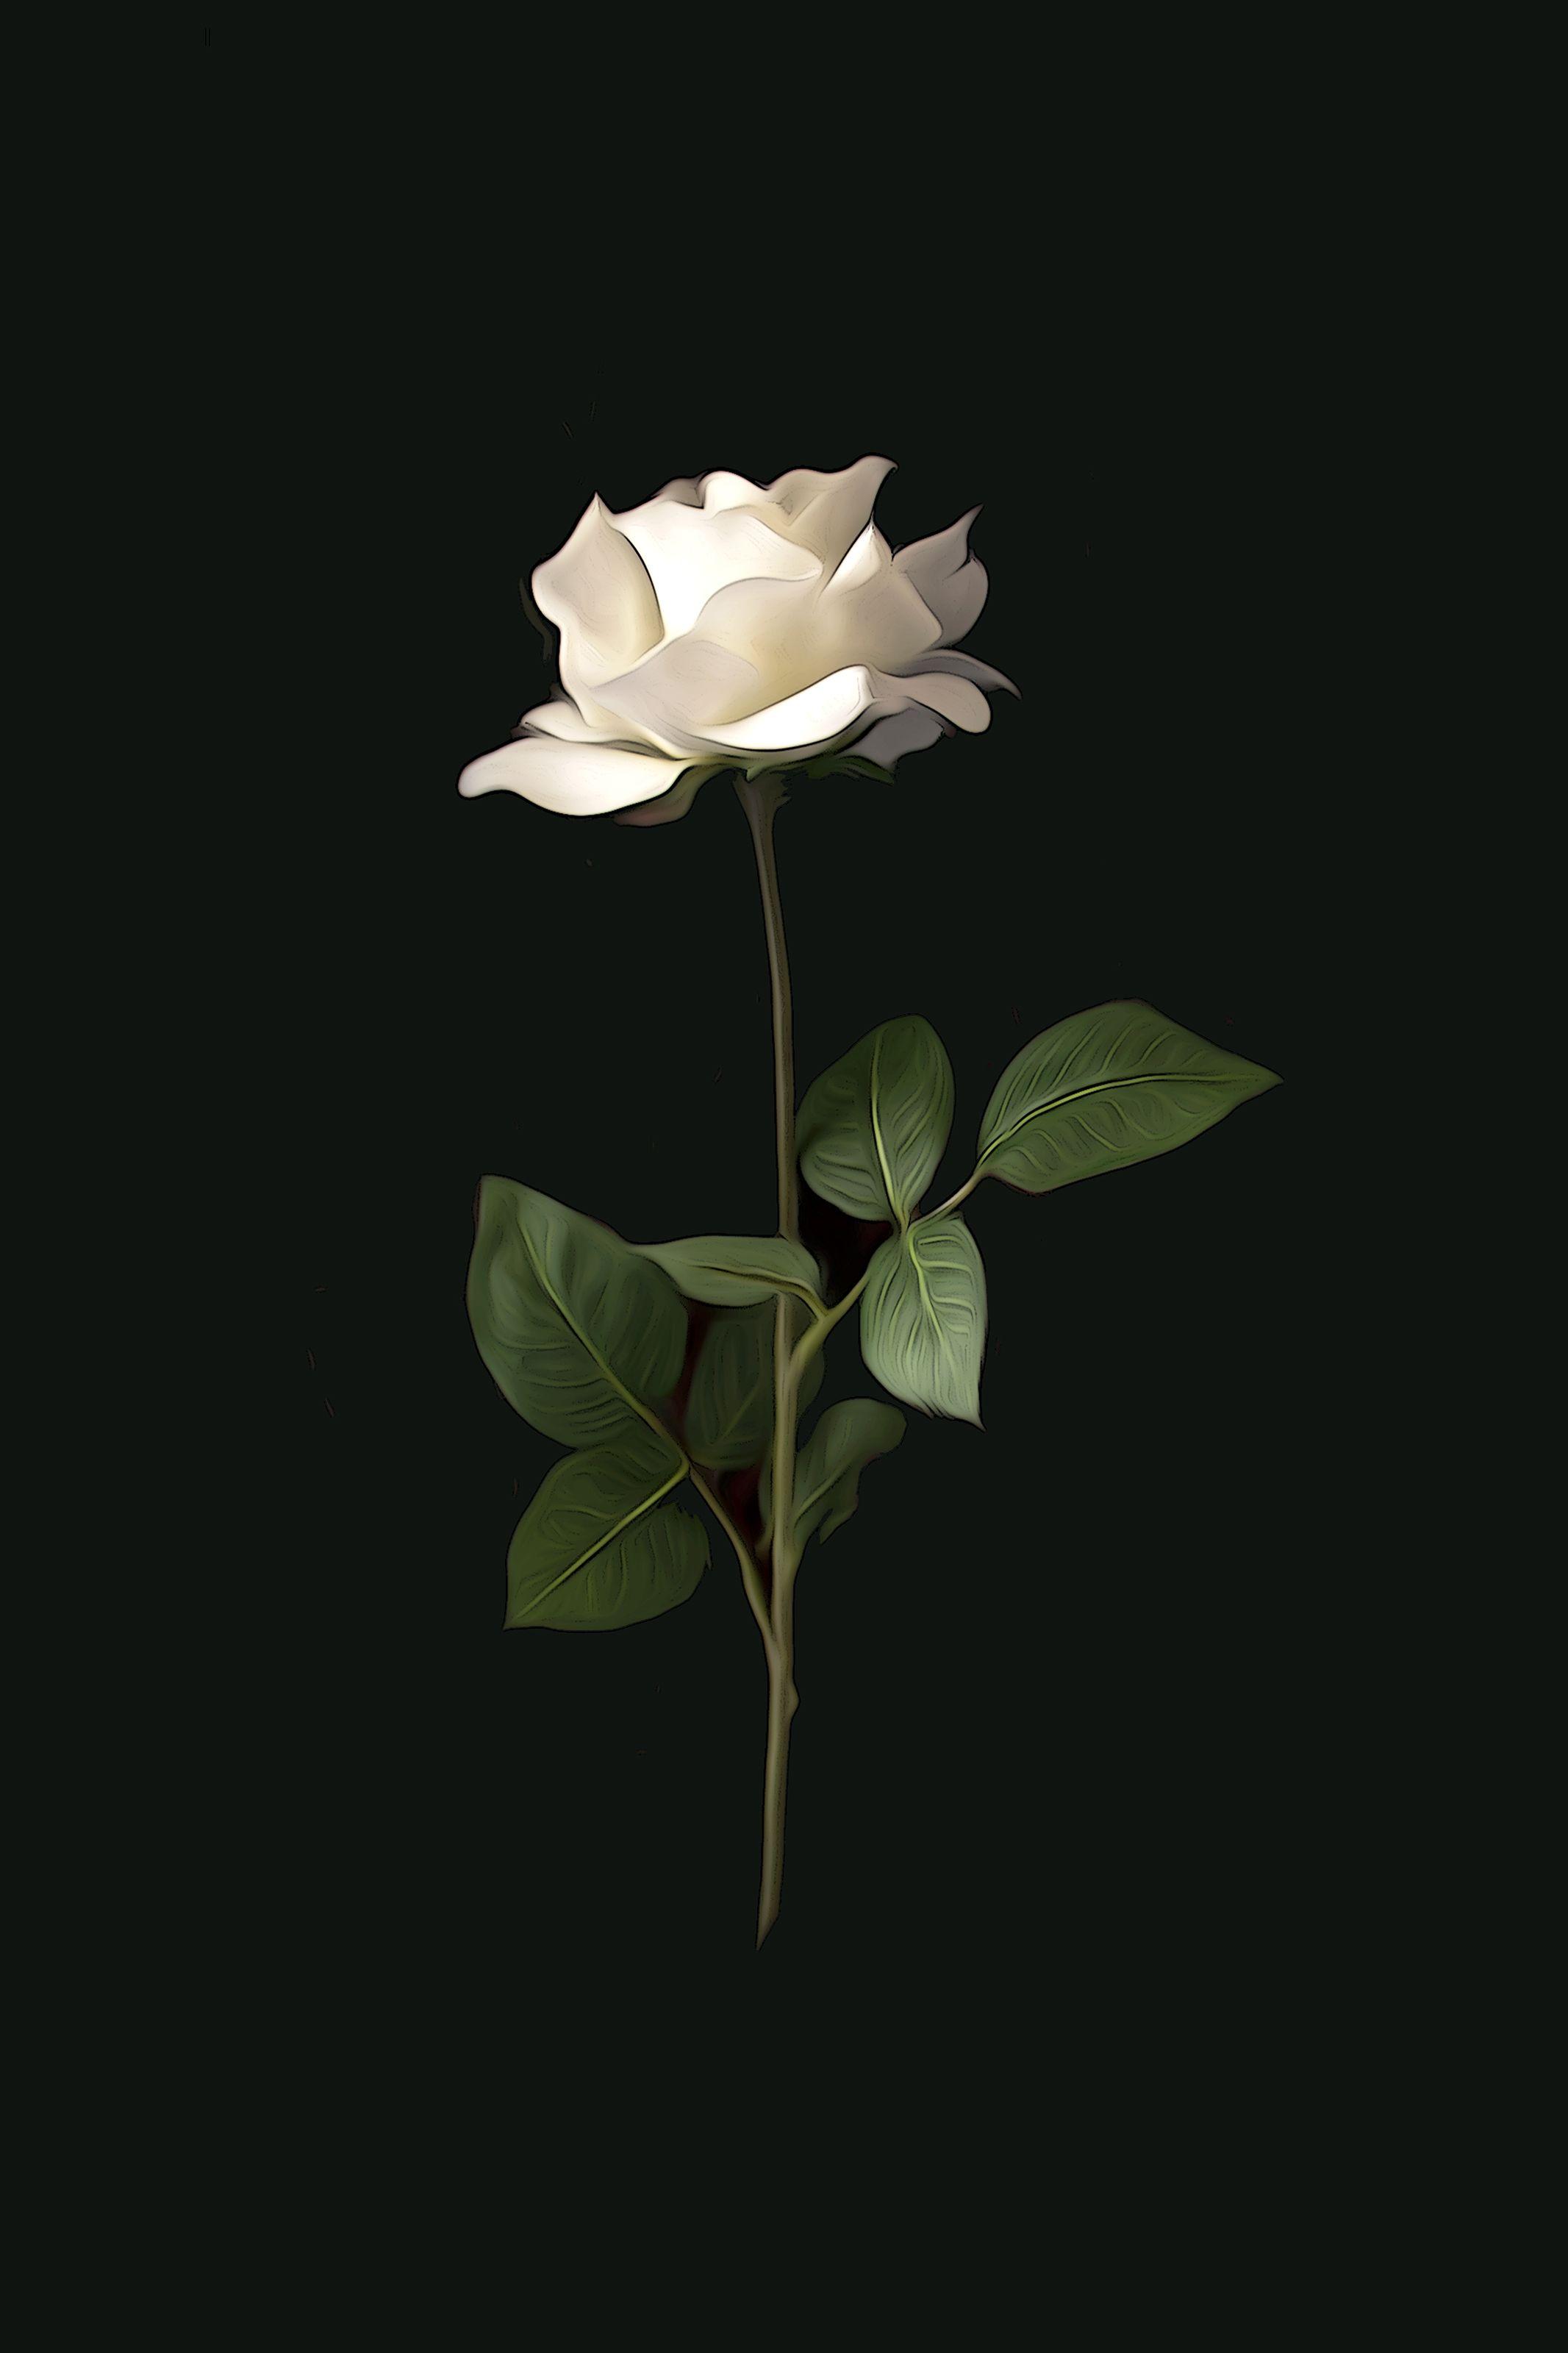 Aesthetic Wallpaper White Rose - HD Wallpaper